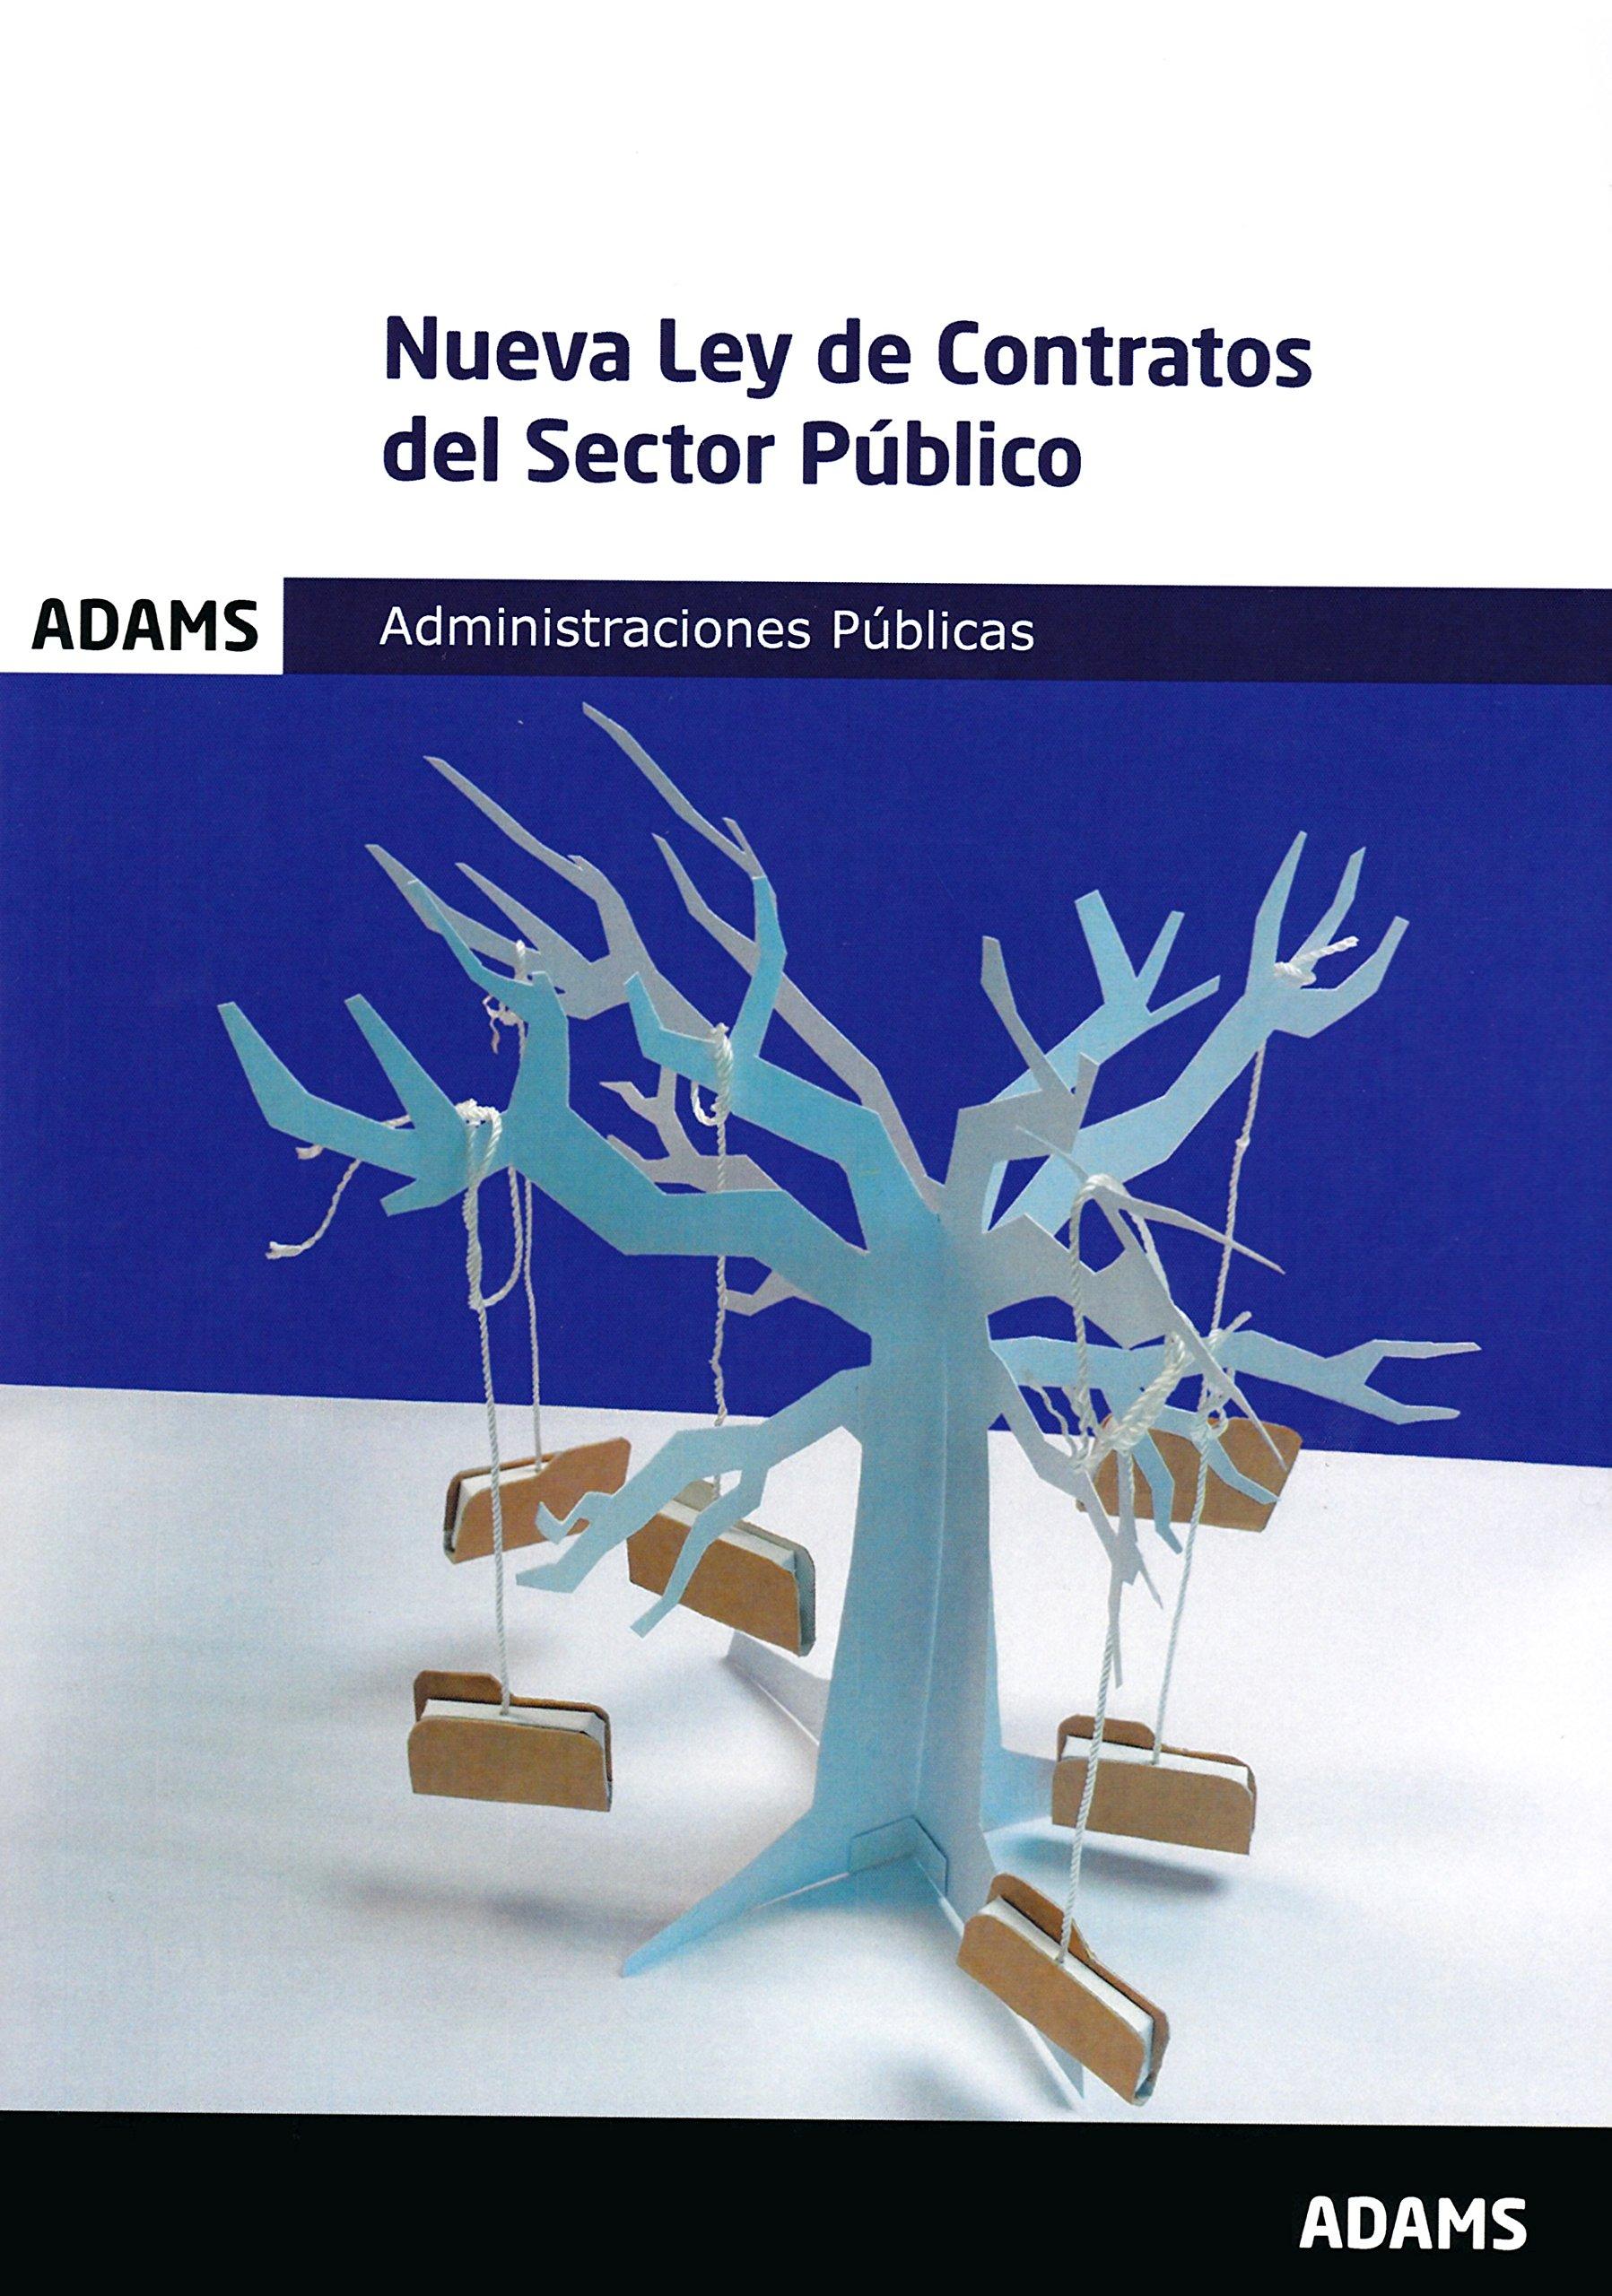 Nueva Ley de Contratos del Sector Público Tapa blanda – 21 dic 2017 Obra colectiva Adams 849147465X JPP